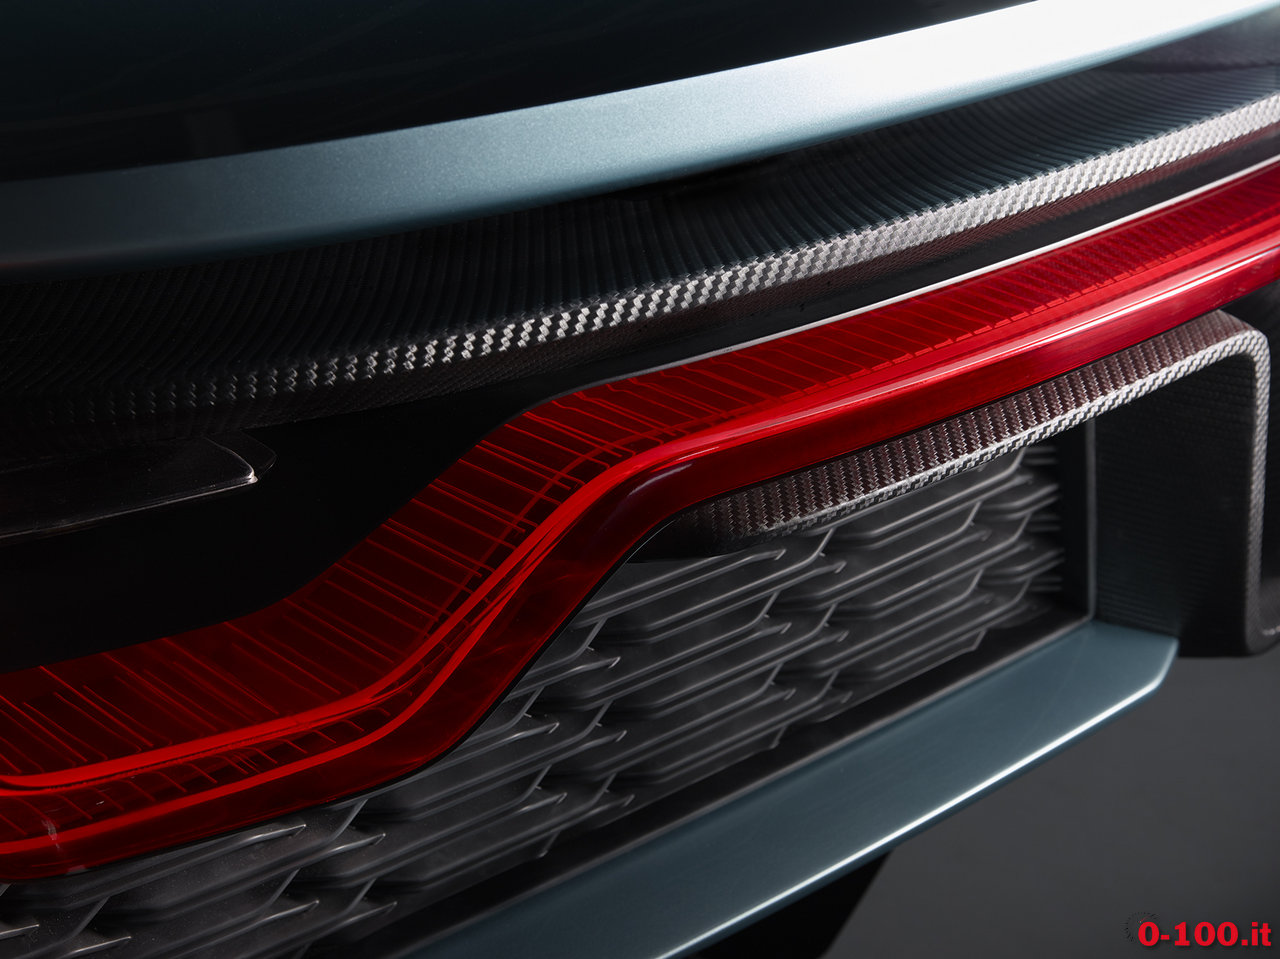 nextev_nio-ep9-china-electric-hypercar-lap-nurburgring_0-100_12